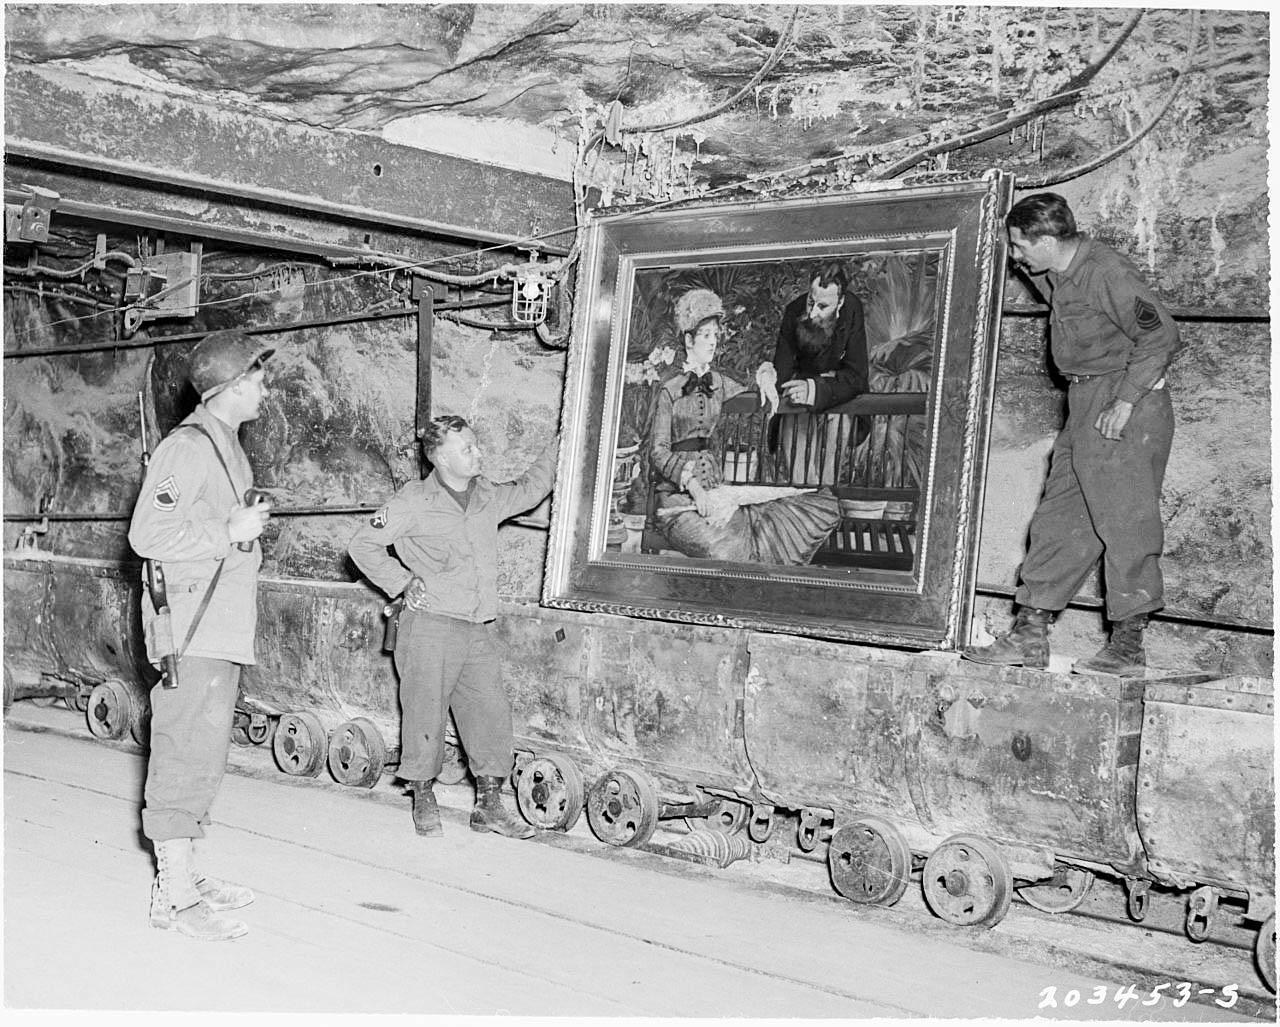 Soldati americani accanto a un dipinto di Moneta nel bunker di Merkers.